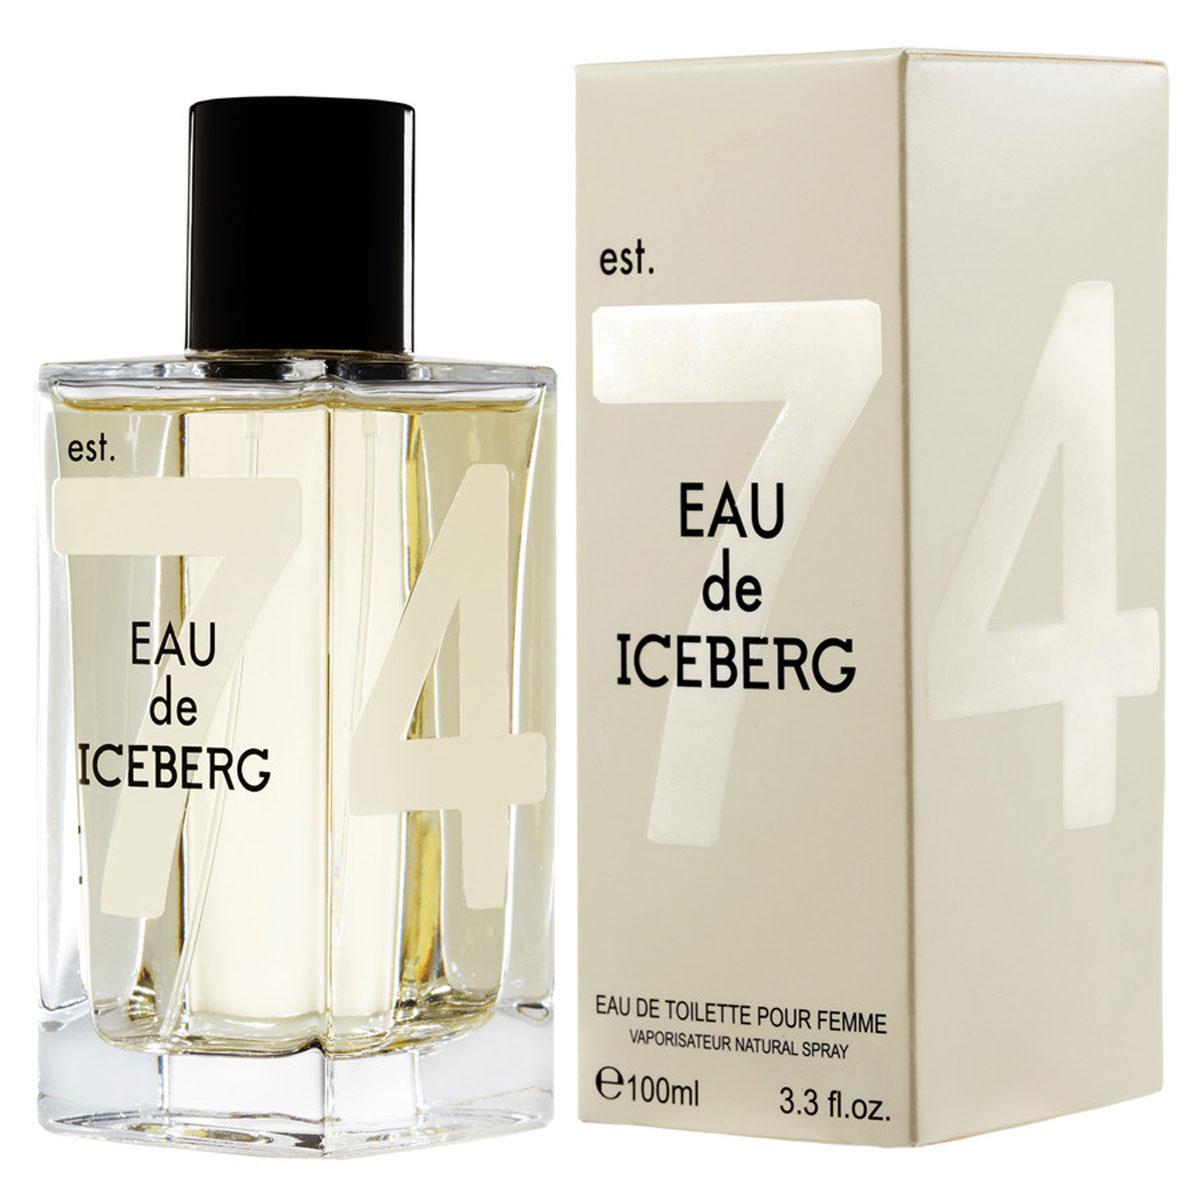 Iceberg Eau de Iceberg Classic Туалетная вода женская, 100 мл820166Iceberg(Айсберг)– итальянскийбренд, специализирующийся на производстве женской, мужской, детской одежды, обуви,аксессуаров и парфюмерии.Основан в 1974 году Джилианой Марчини и Сильвано Джерани. Верхние ноты: Королек, ананас, сочная груша Ноты сердца:Фрезия, инжир, жасмин База: Белая древесина, ваниль, мускусКраткий гид по парфюмерии: виды, ноты, ароматы, советы по выбору. Статья OZON Гид